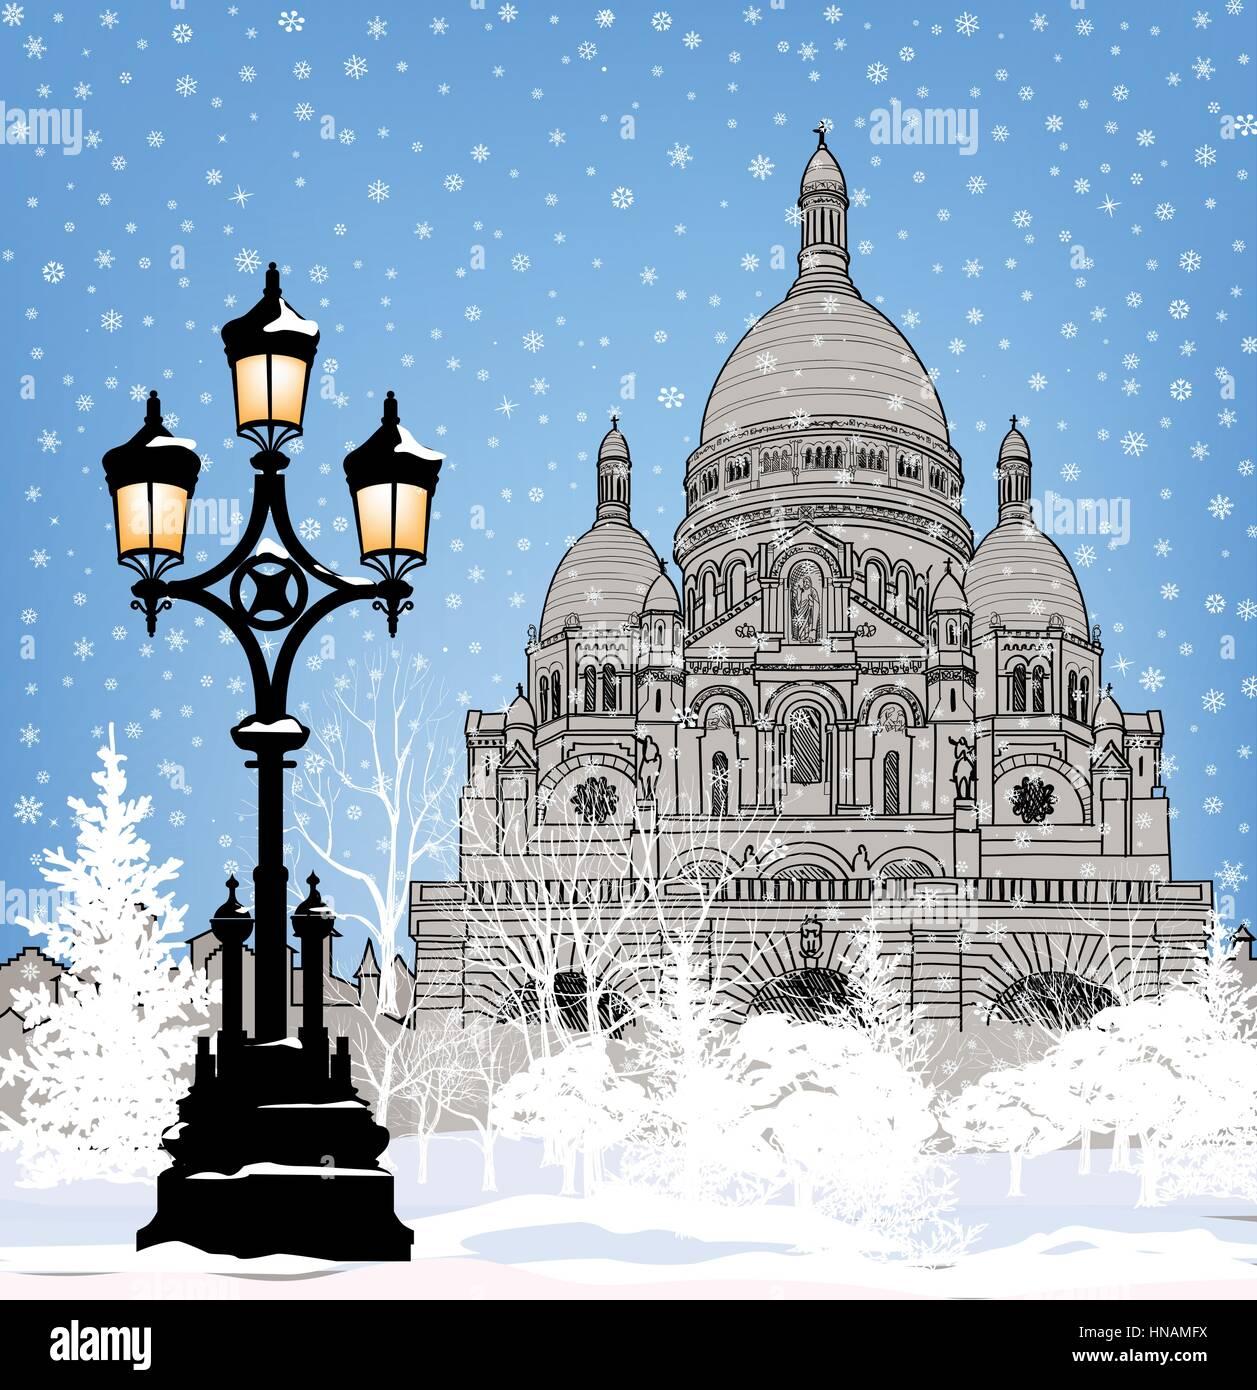 Verschneite Stadt Wallpaper Winter Weihnachten Schnee Hintergrund